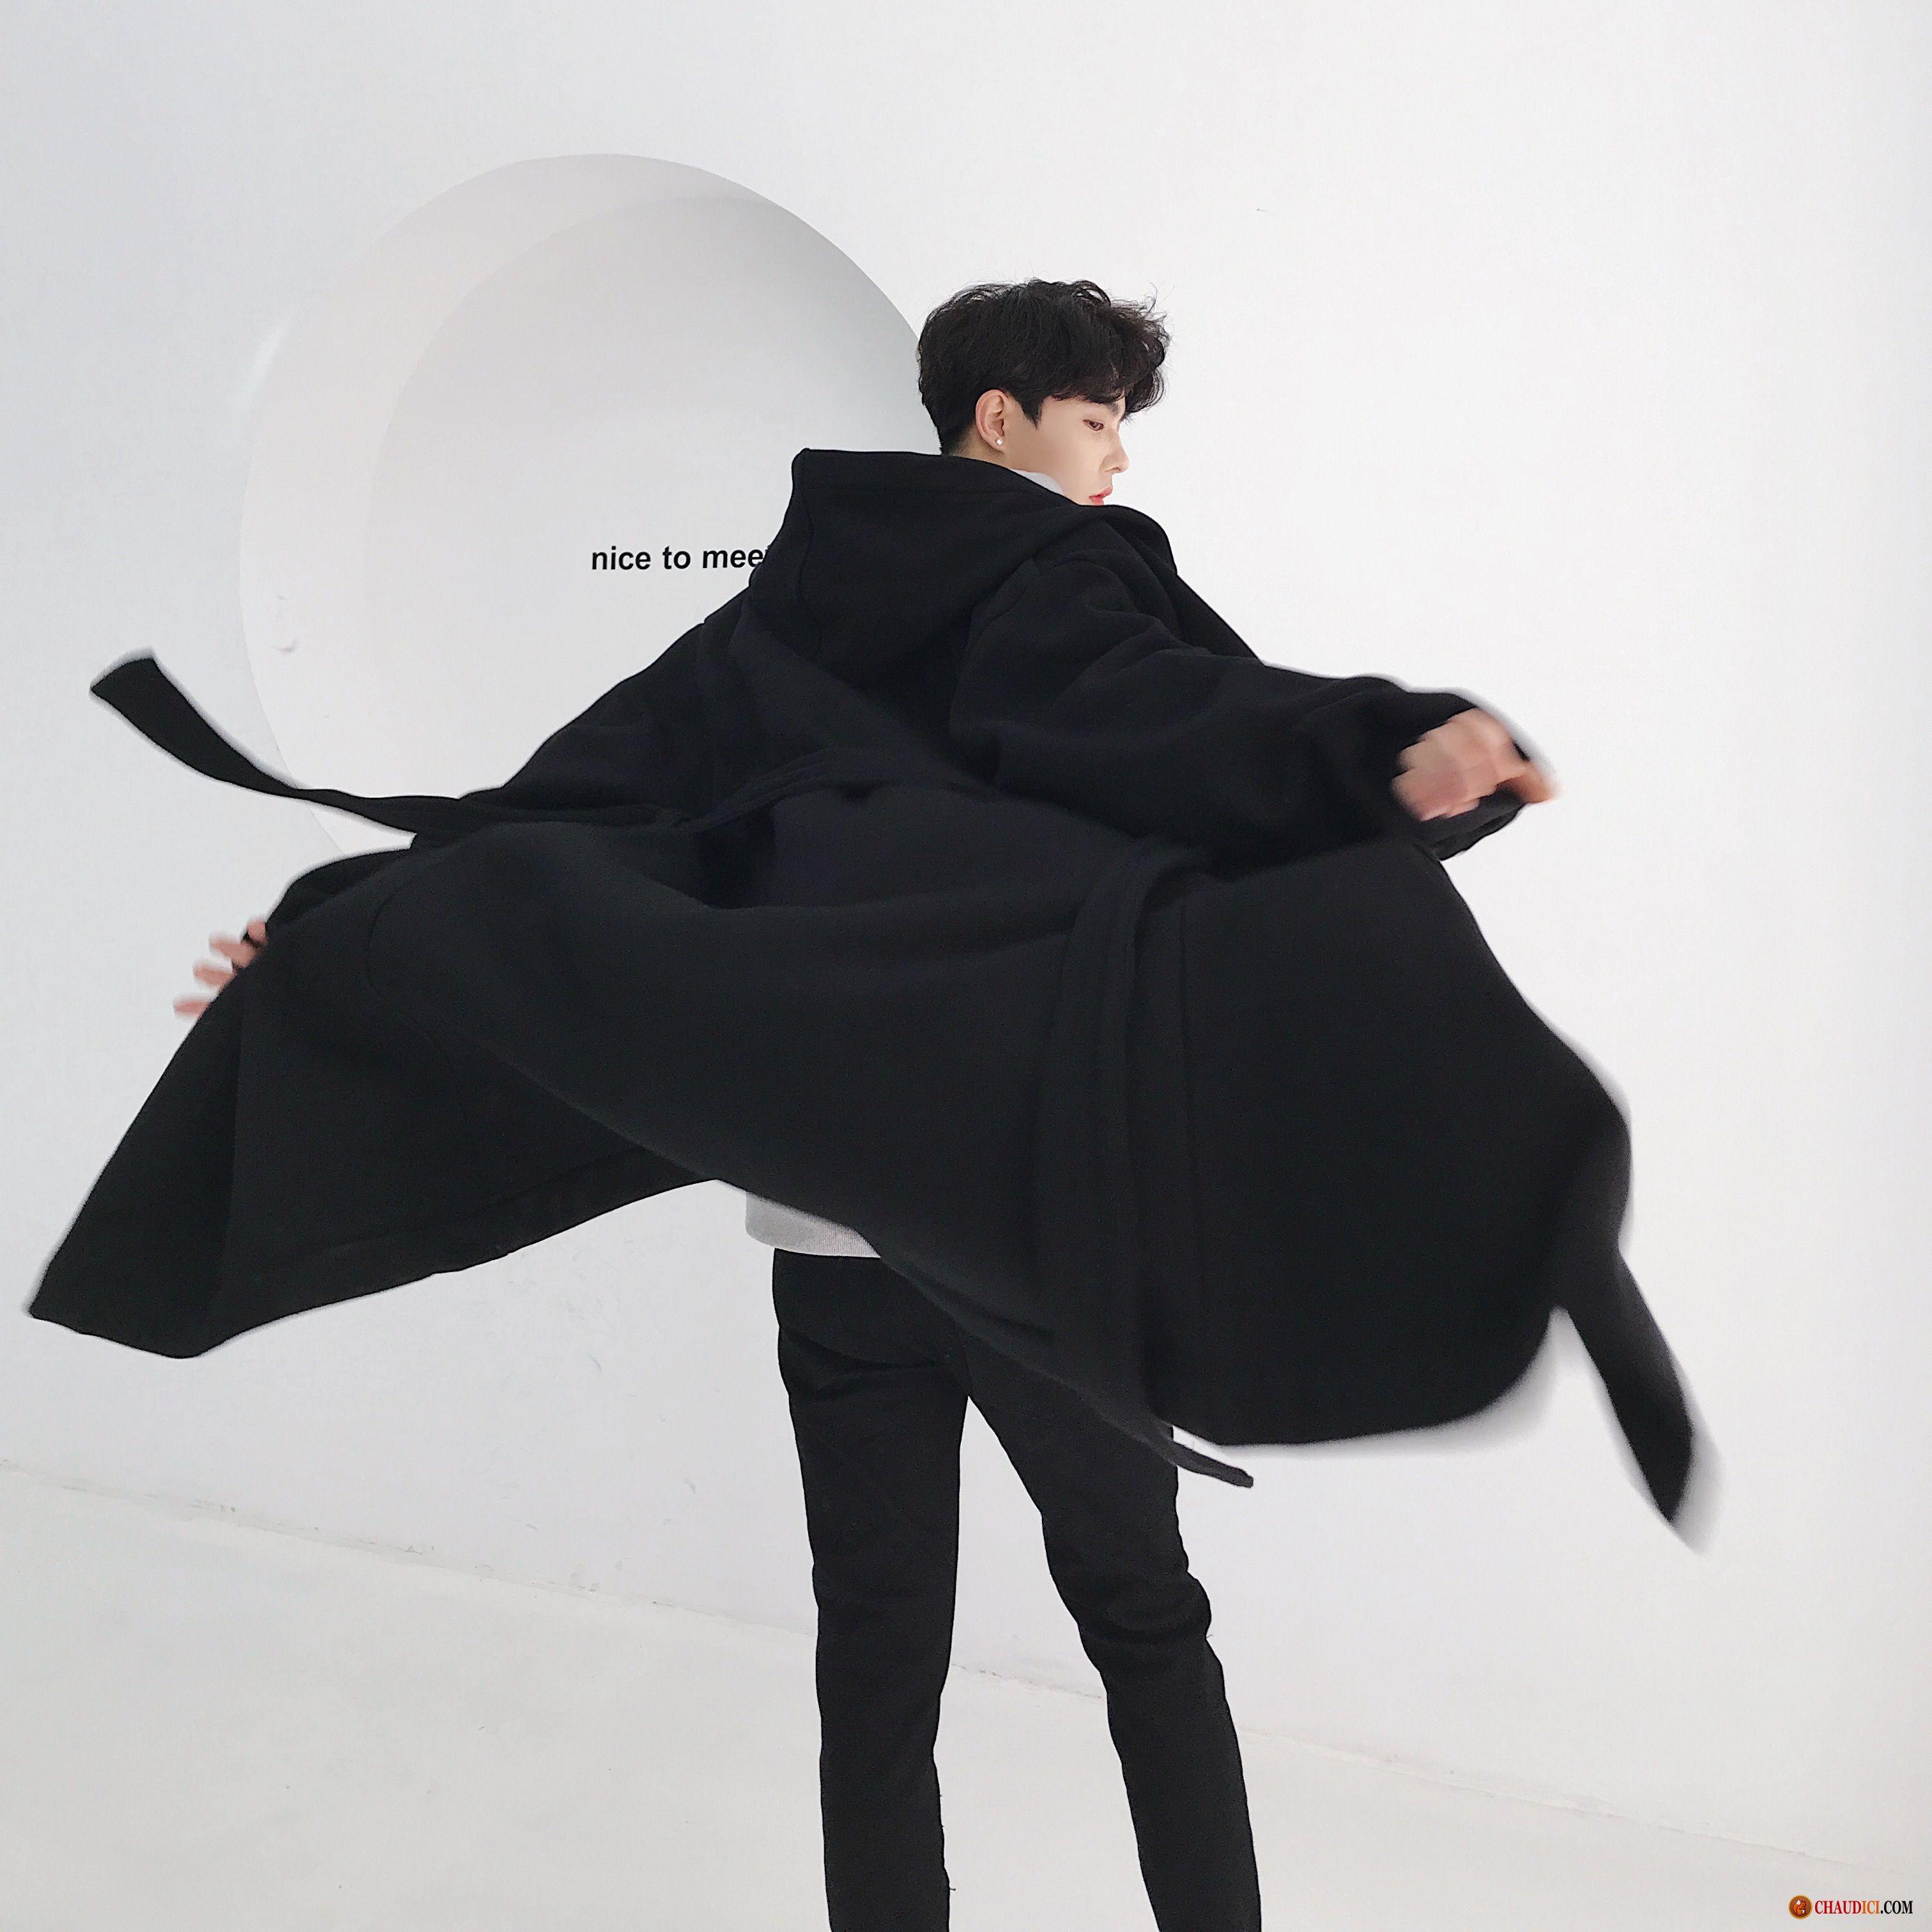 Hiver Vêtements Marque Longue Blouson D'hiver Homme Tendance CAdqwqO